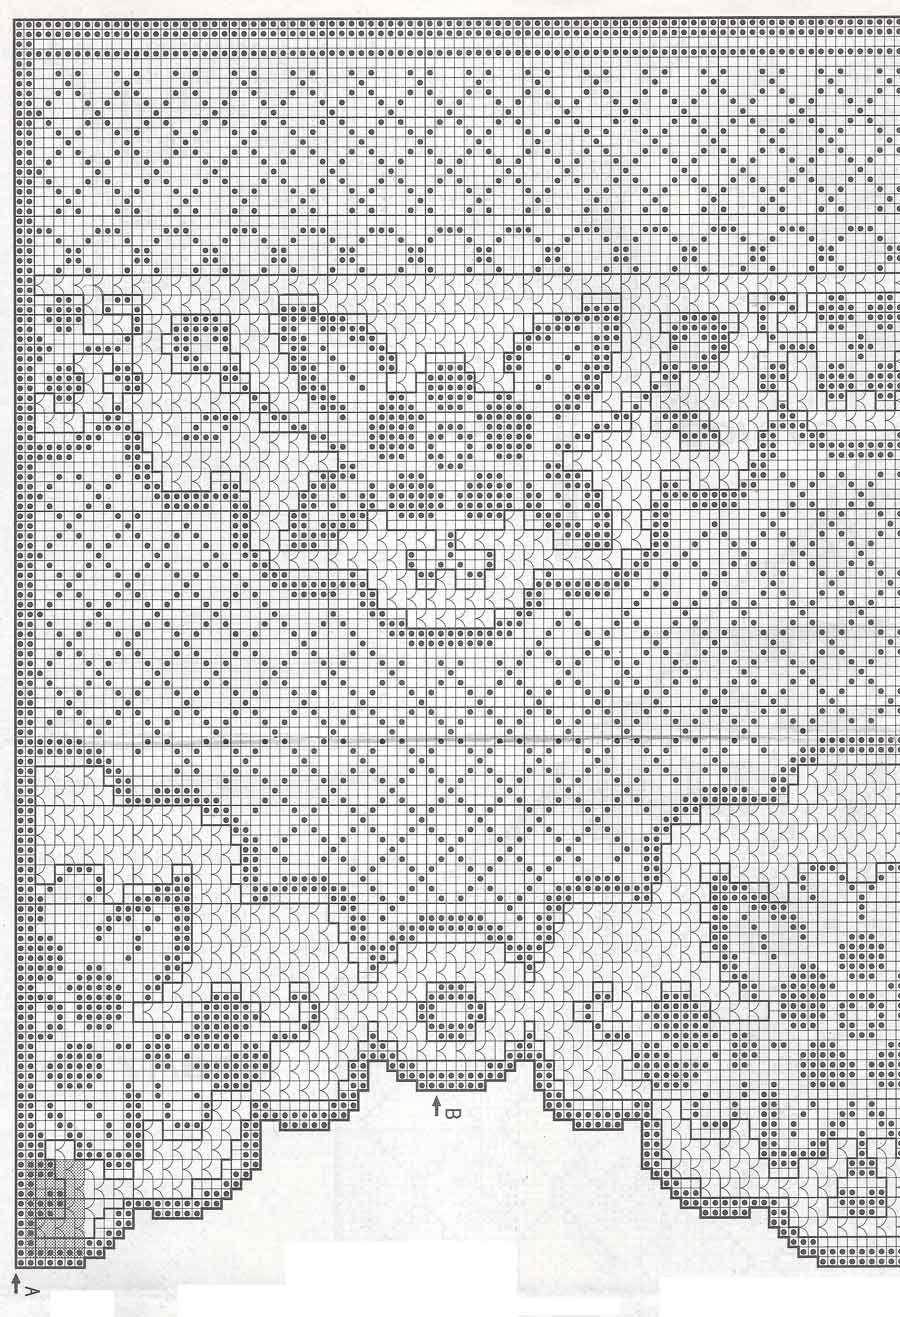 Tendafioriefoglie Filet Crochet Hækle Klude E Grydelapper